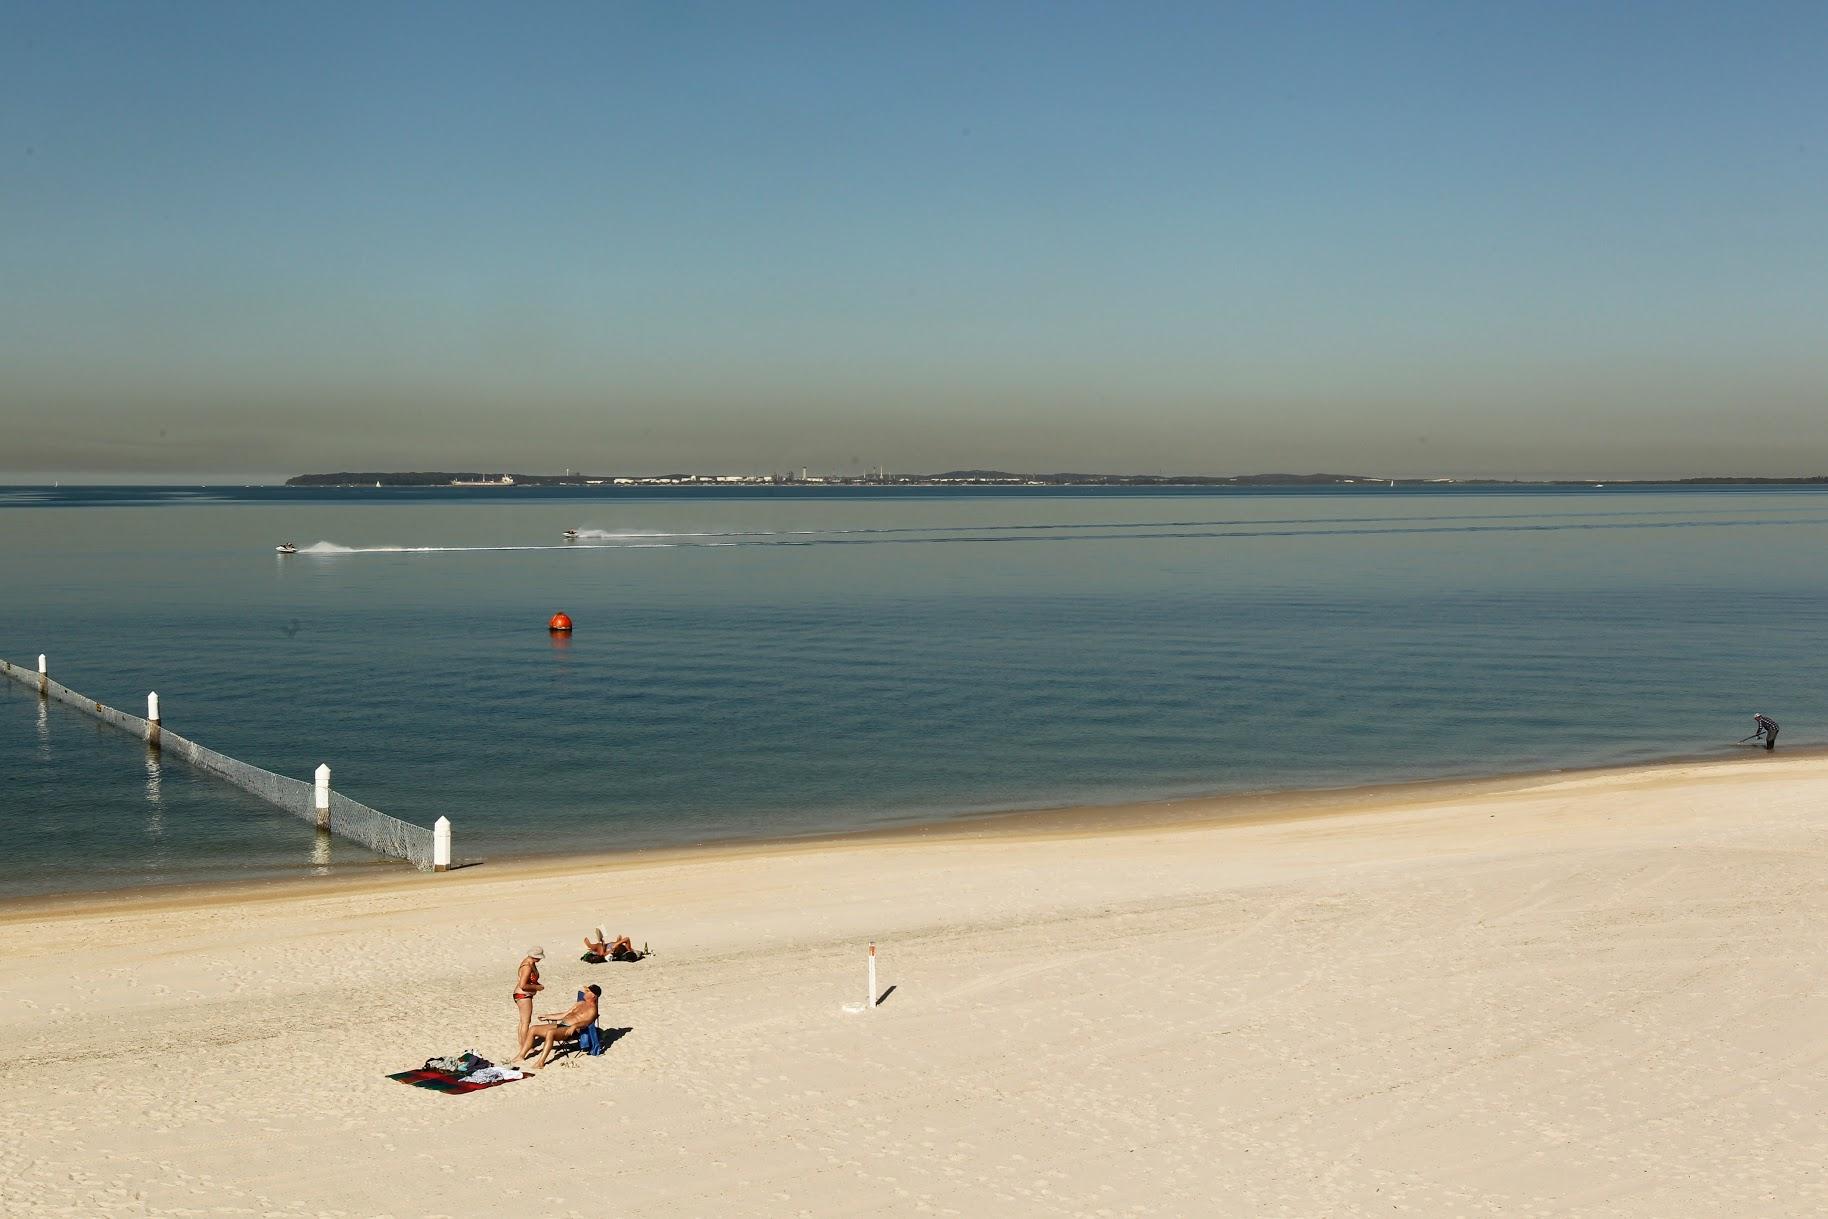 Brighton-Le-Sands